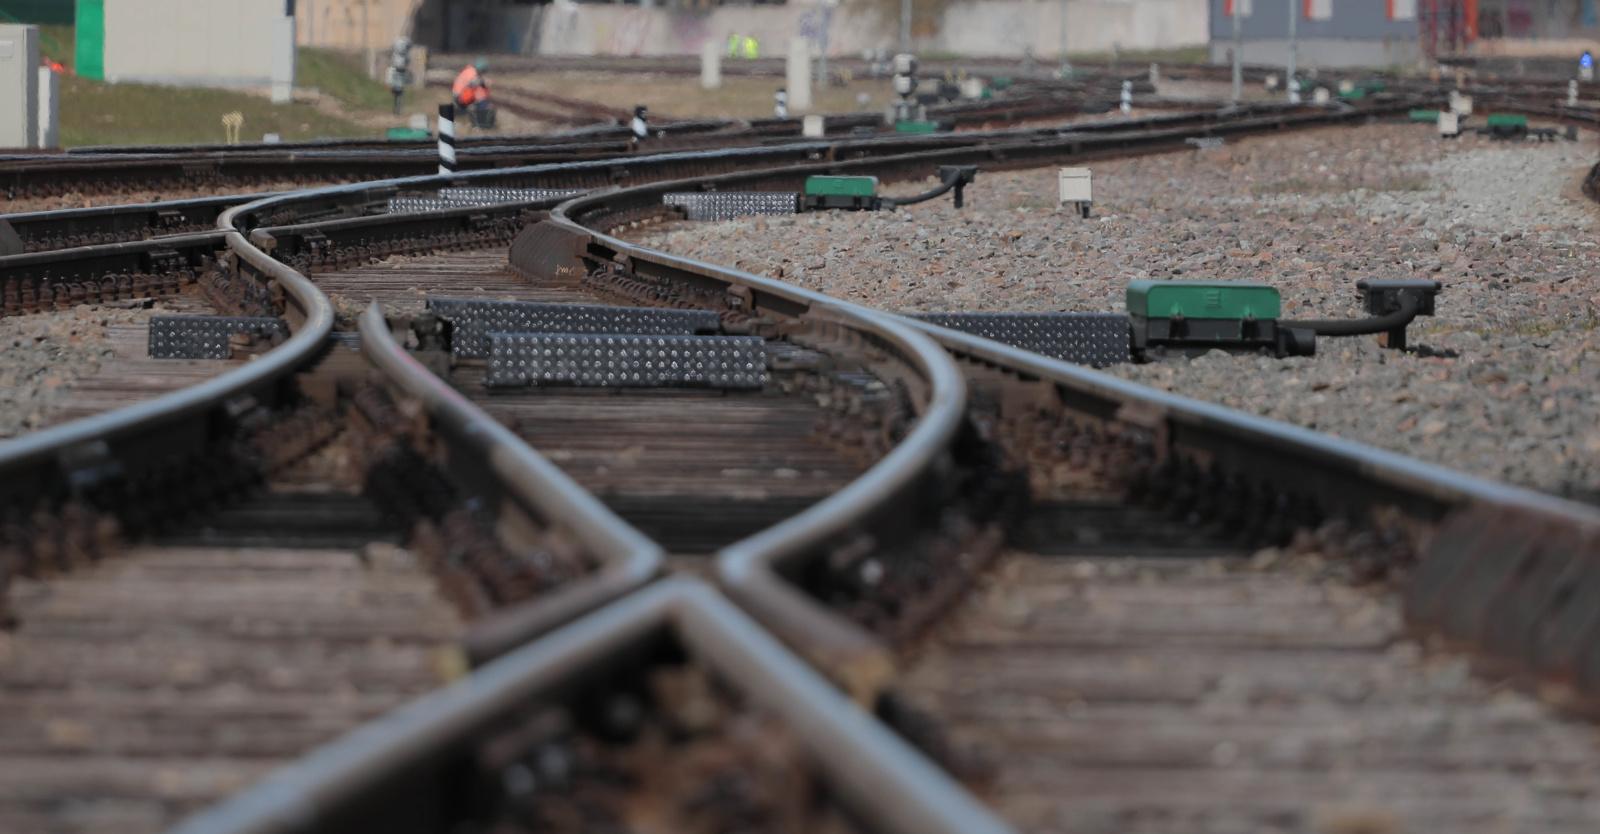 Pareigūnai organizuoja reidus šalies geležinkelio pervažose